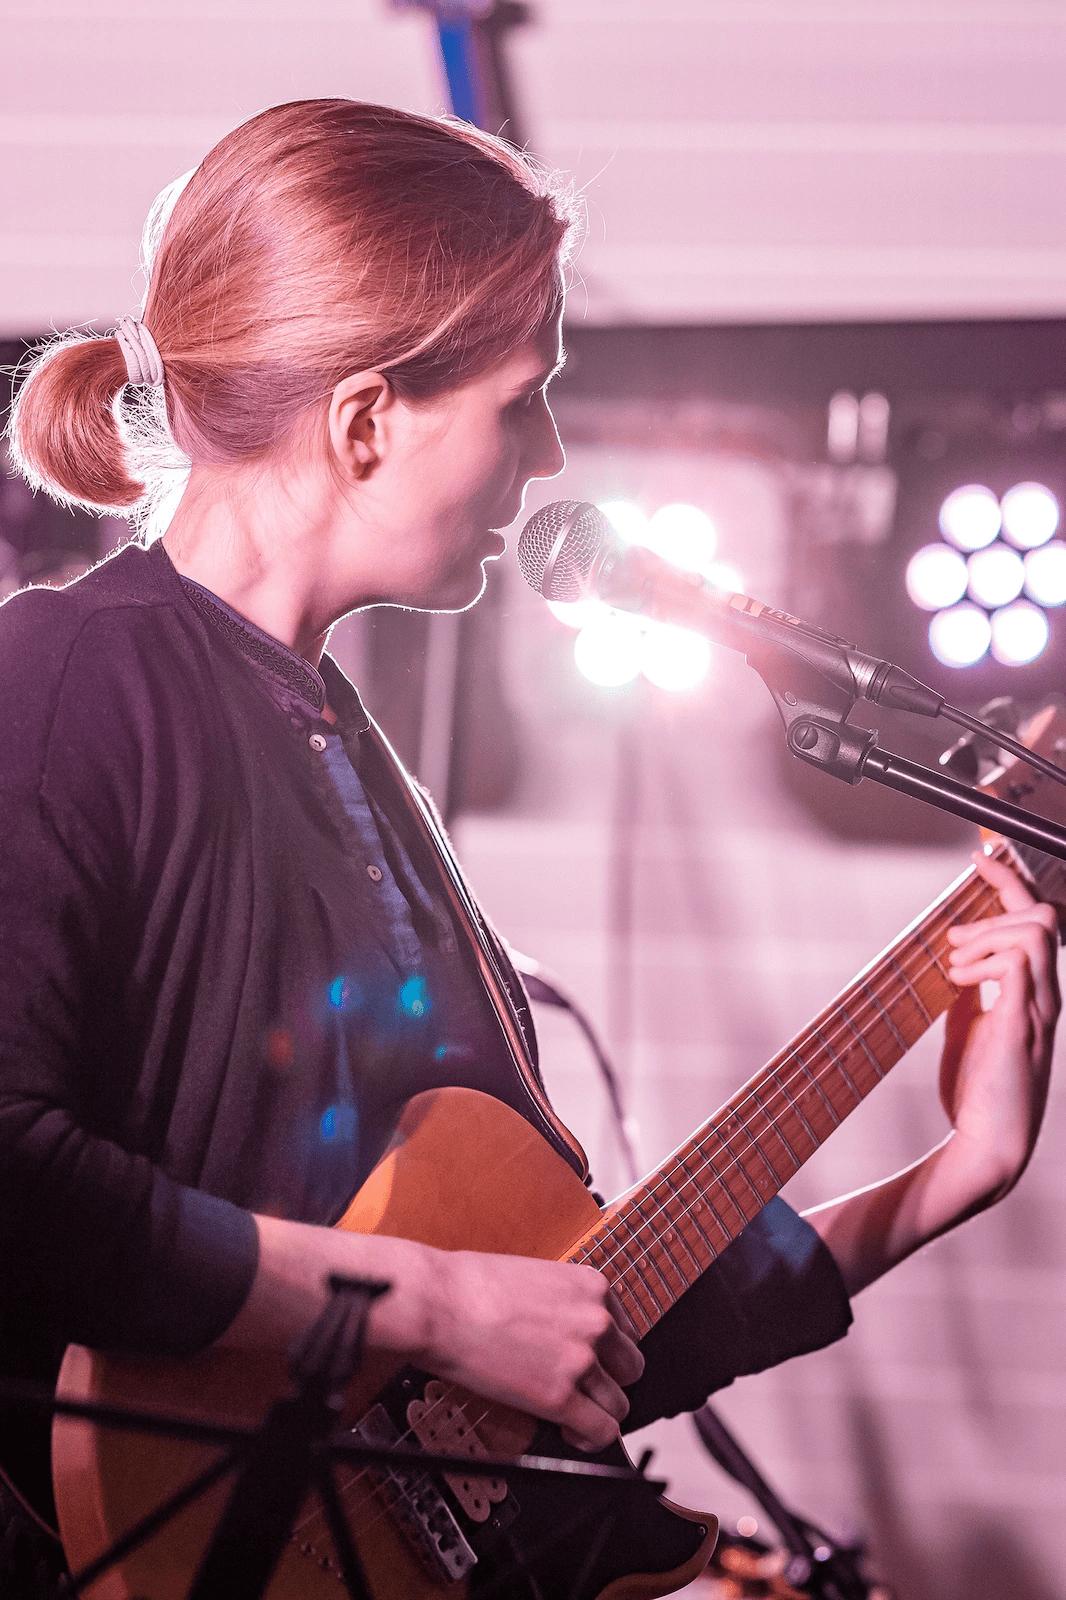 iceland guitar concert online